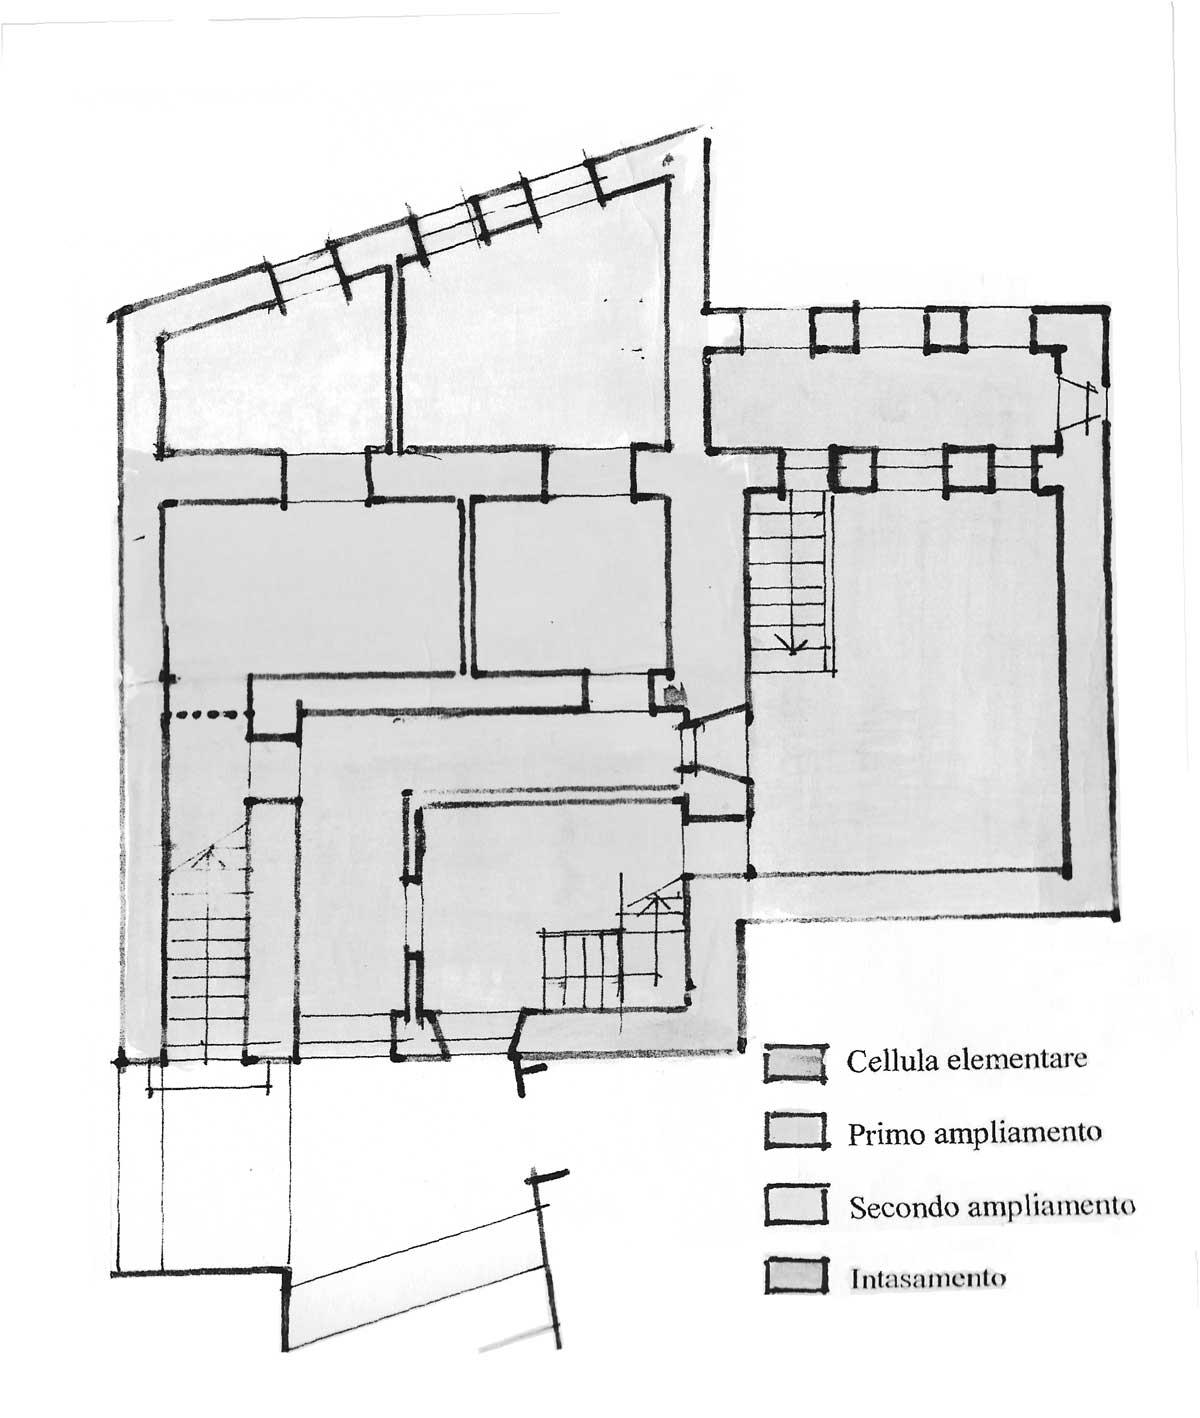 12 - PP del centro storico di Carpineto Romano (RM) - Pianta del fabbricato in via Pecci Calderozzi